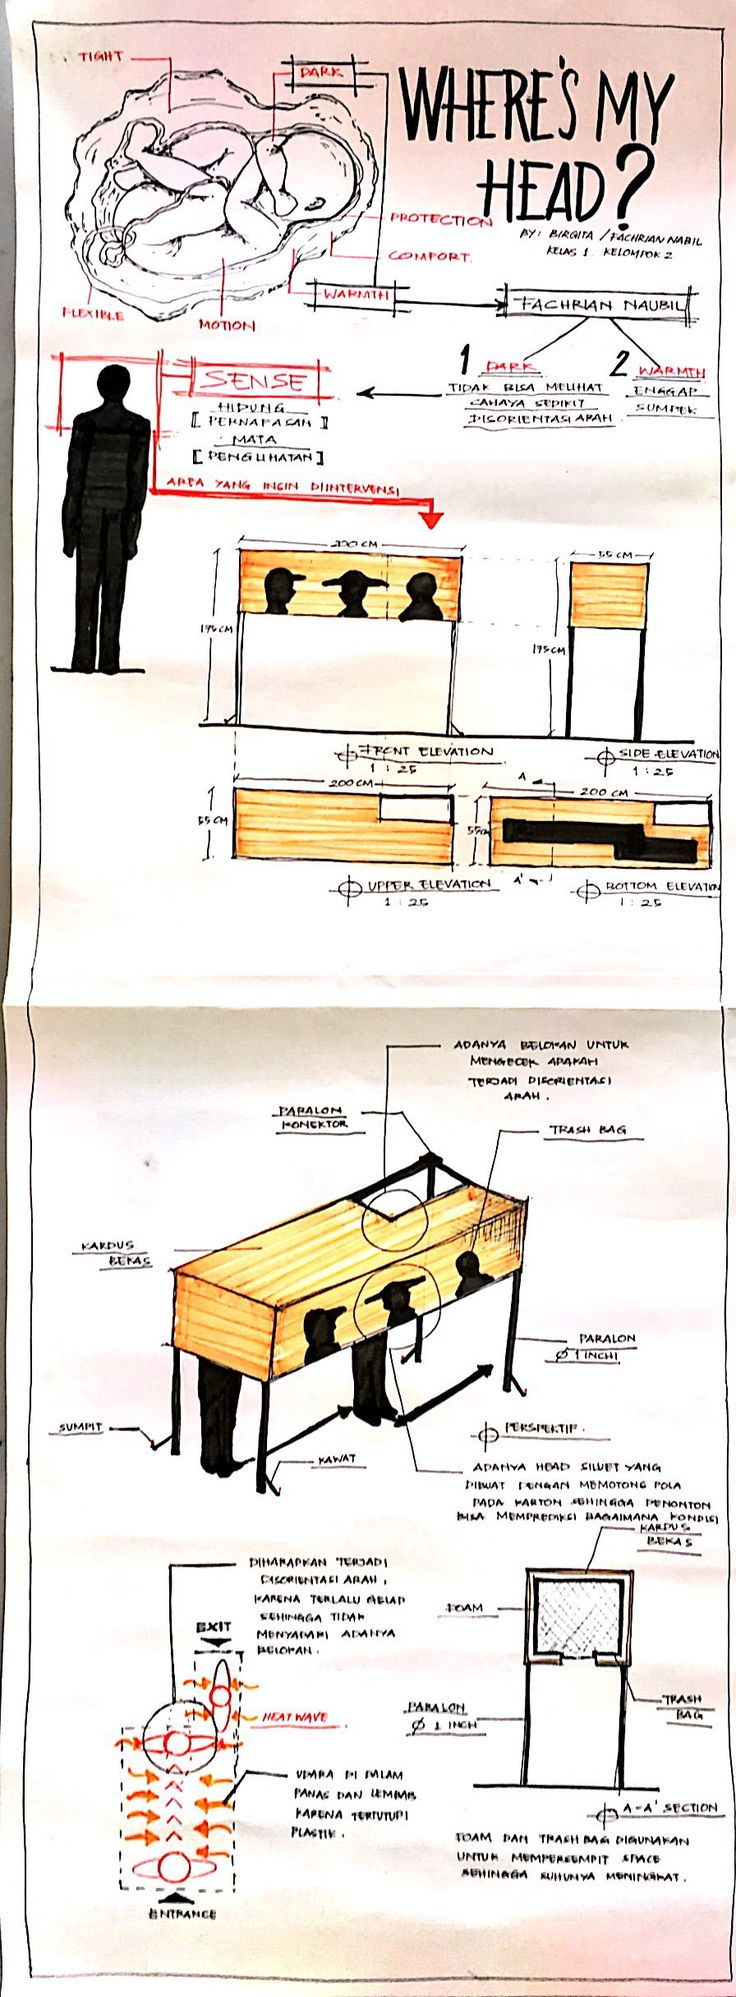 Diagram Berfikir // Fachrian Nabil Fauzi // Kelompok 2 Kelas 1 // 1506746771